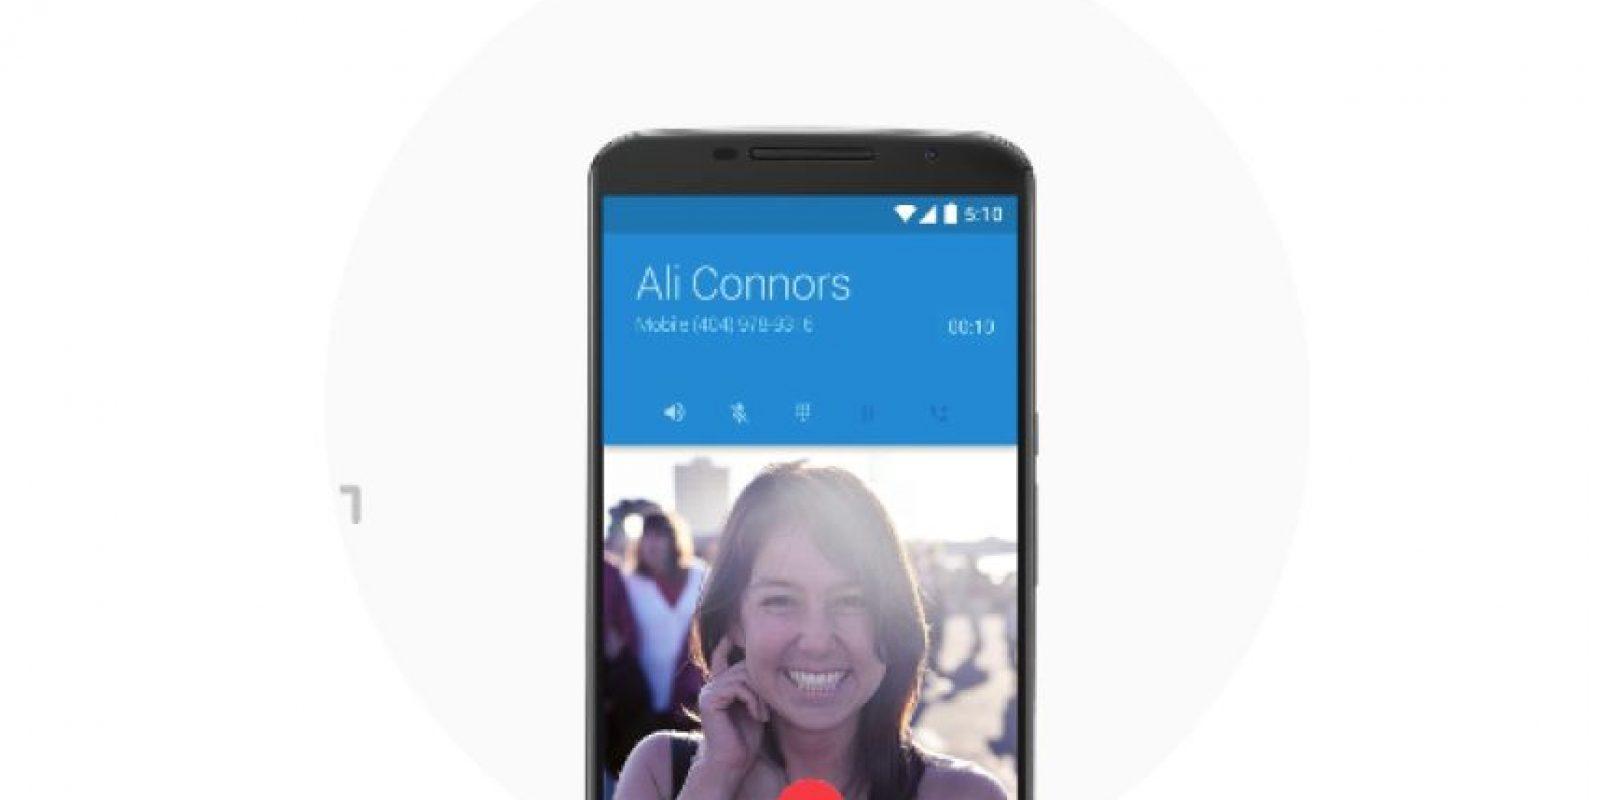 Las llamadas Wi-Fi son lo más atractivo que ofrecerá esta nueva idea de Google, según los medios estadounidenses Foto:fi.google.com